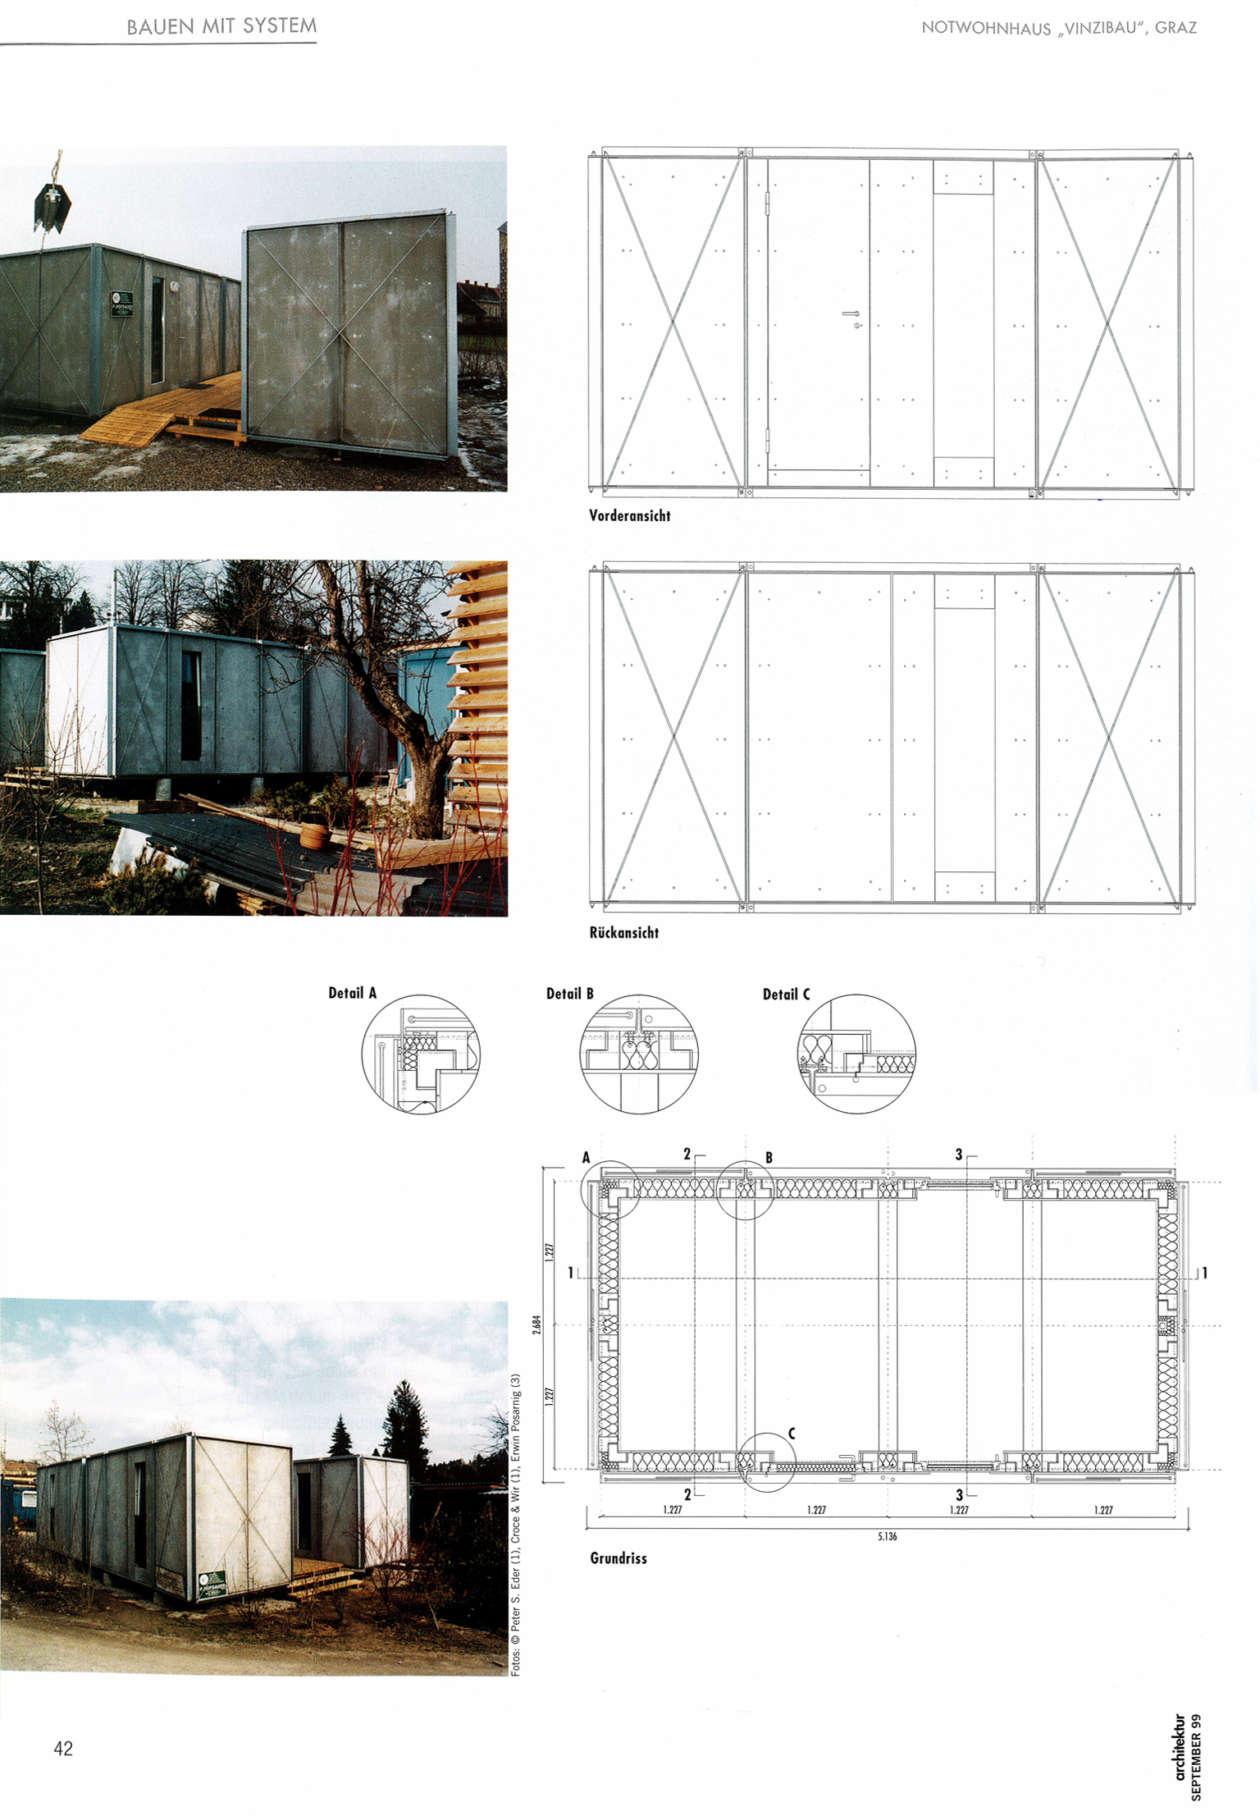 Architektur Bauen Mit System 04